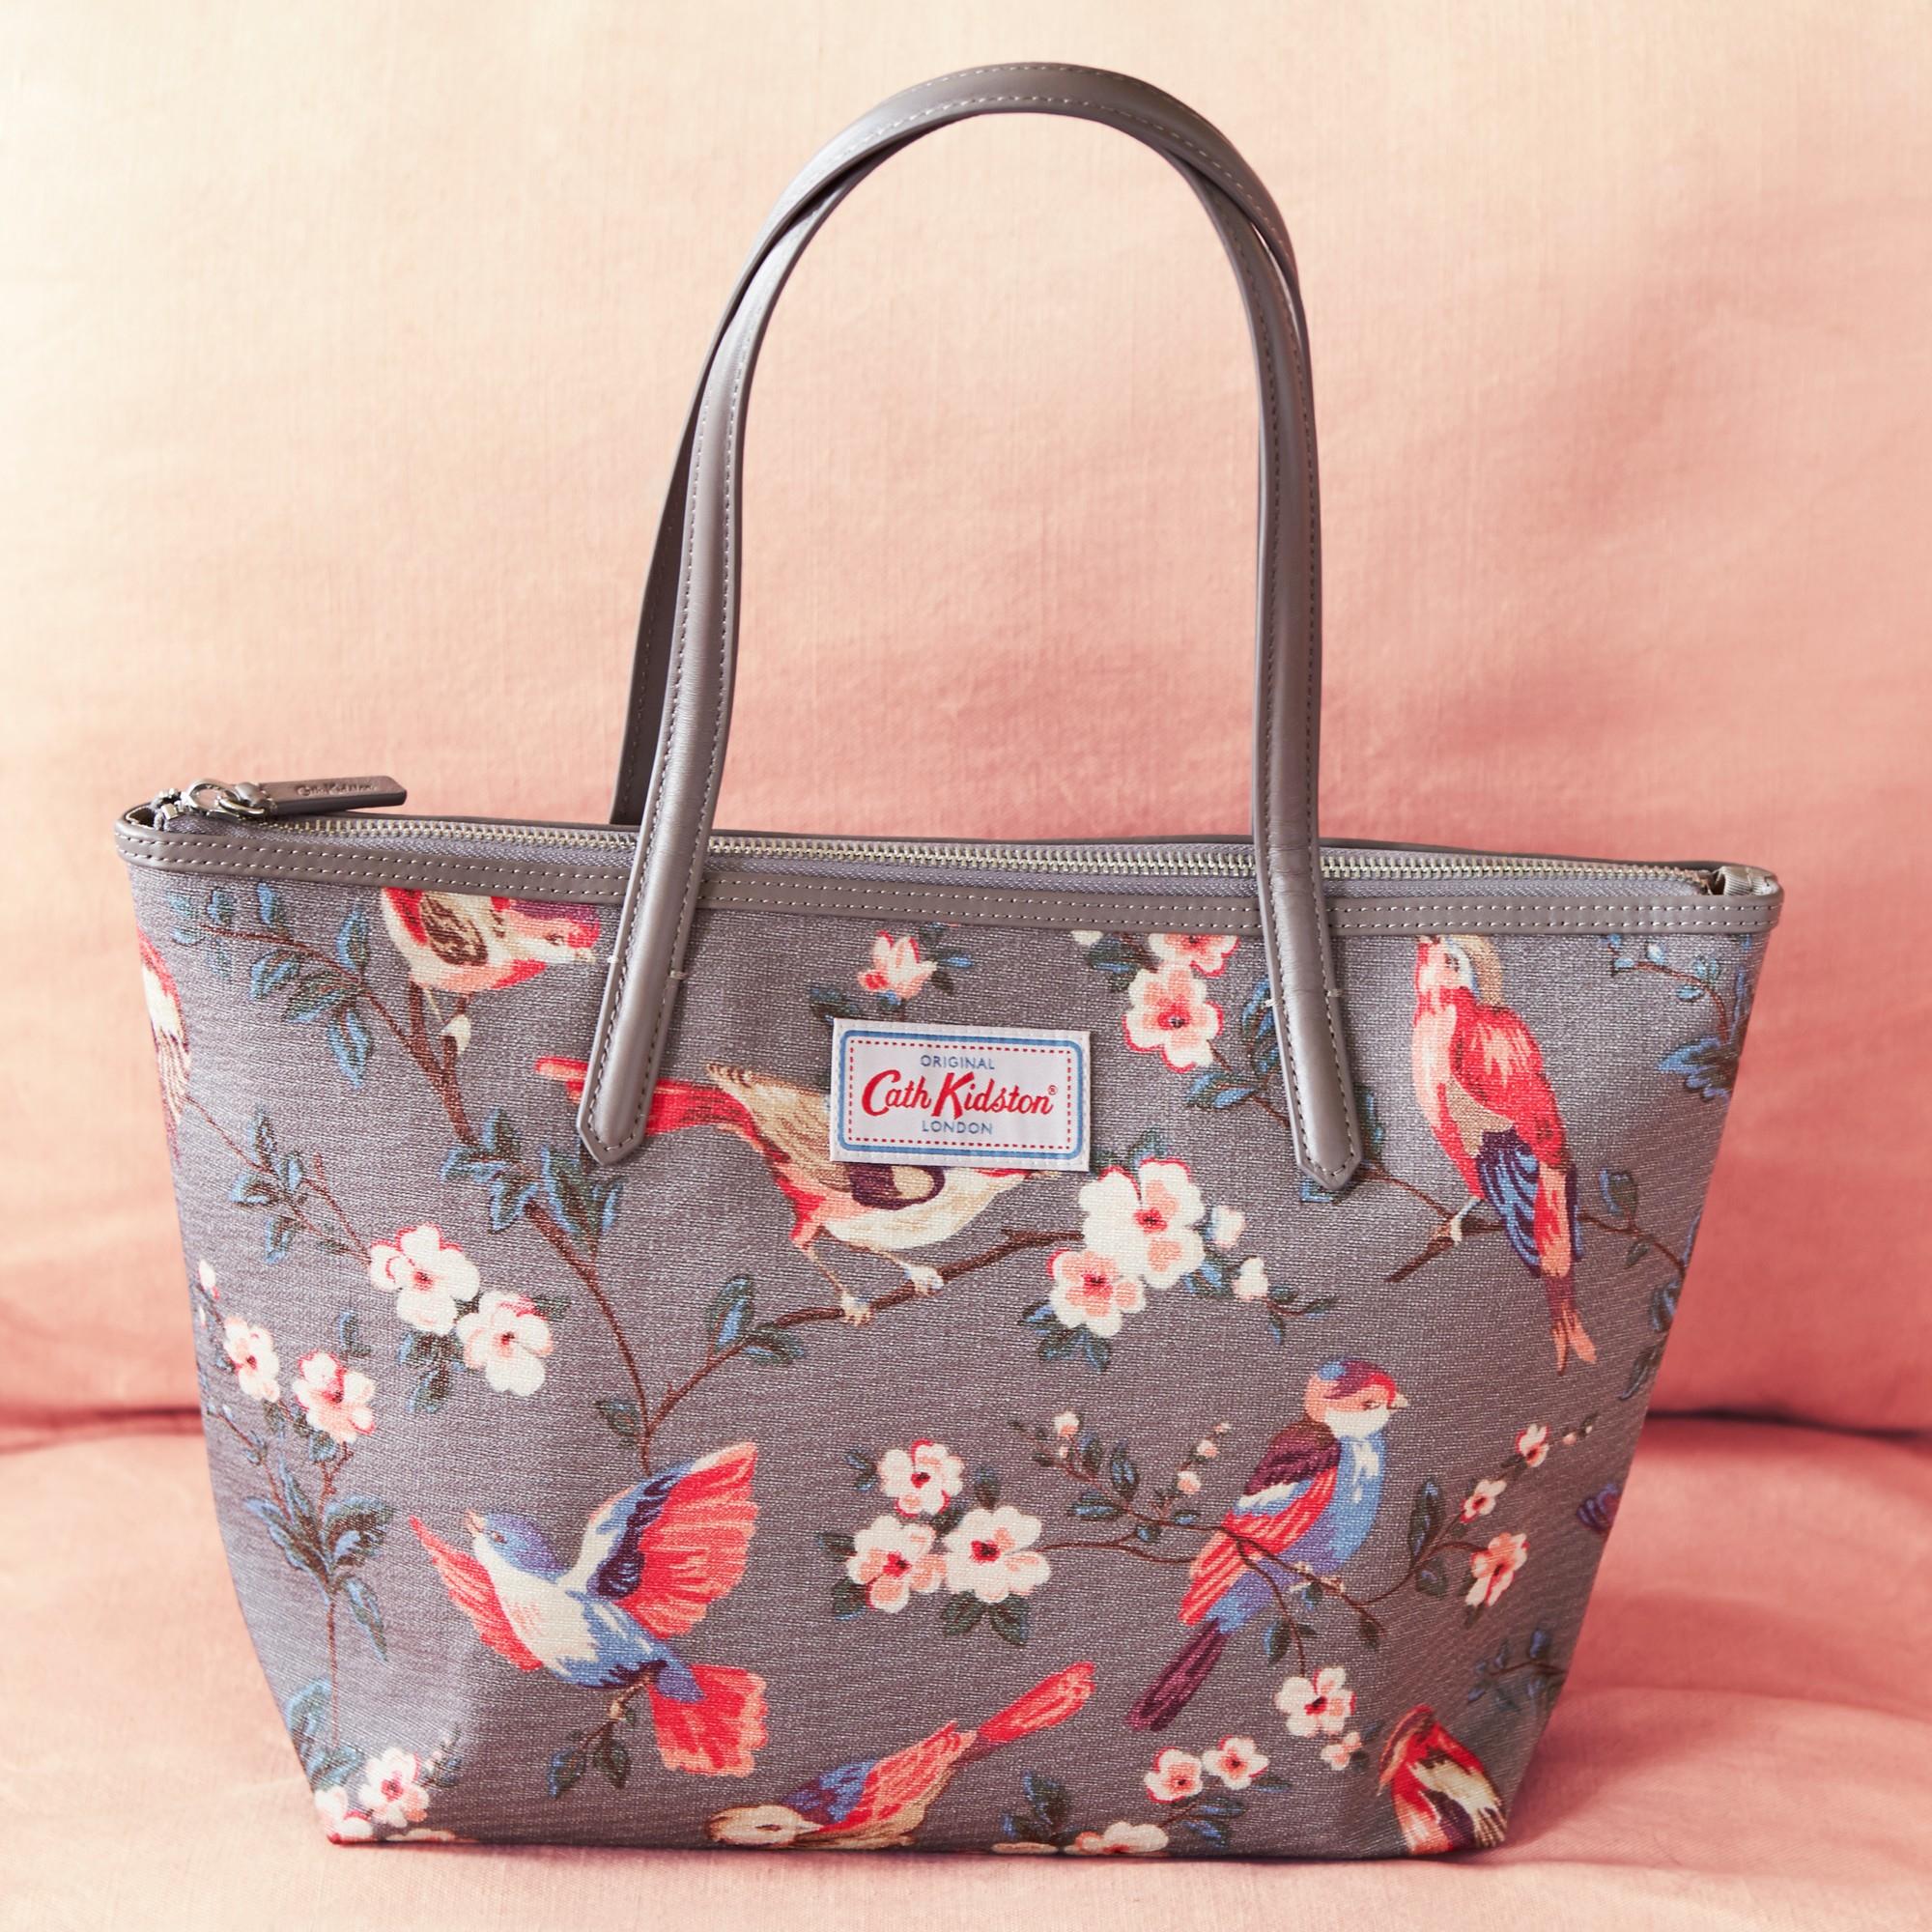 Cath kidston British Birds Tote Bag in Gray